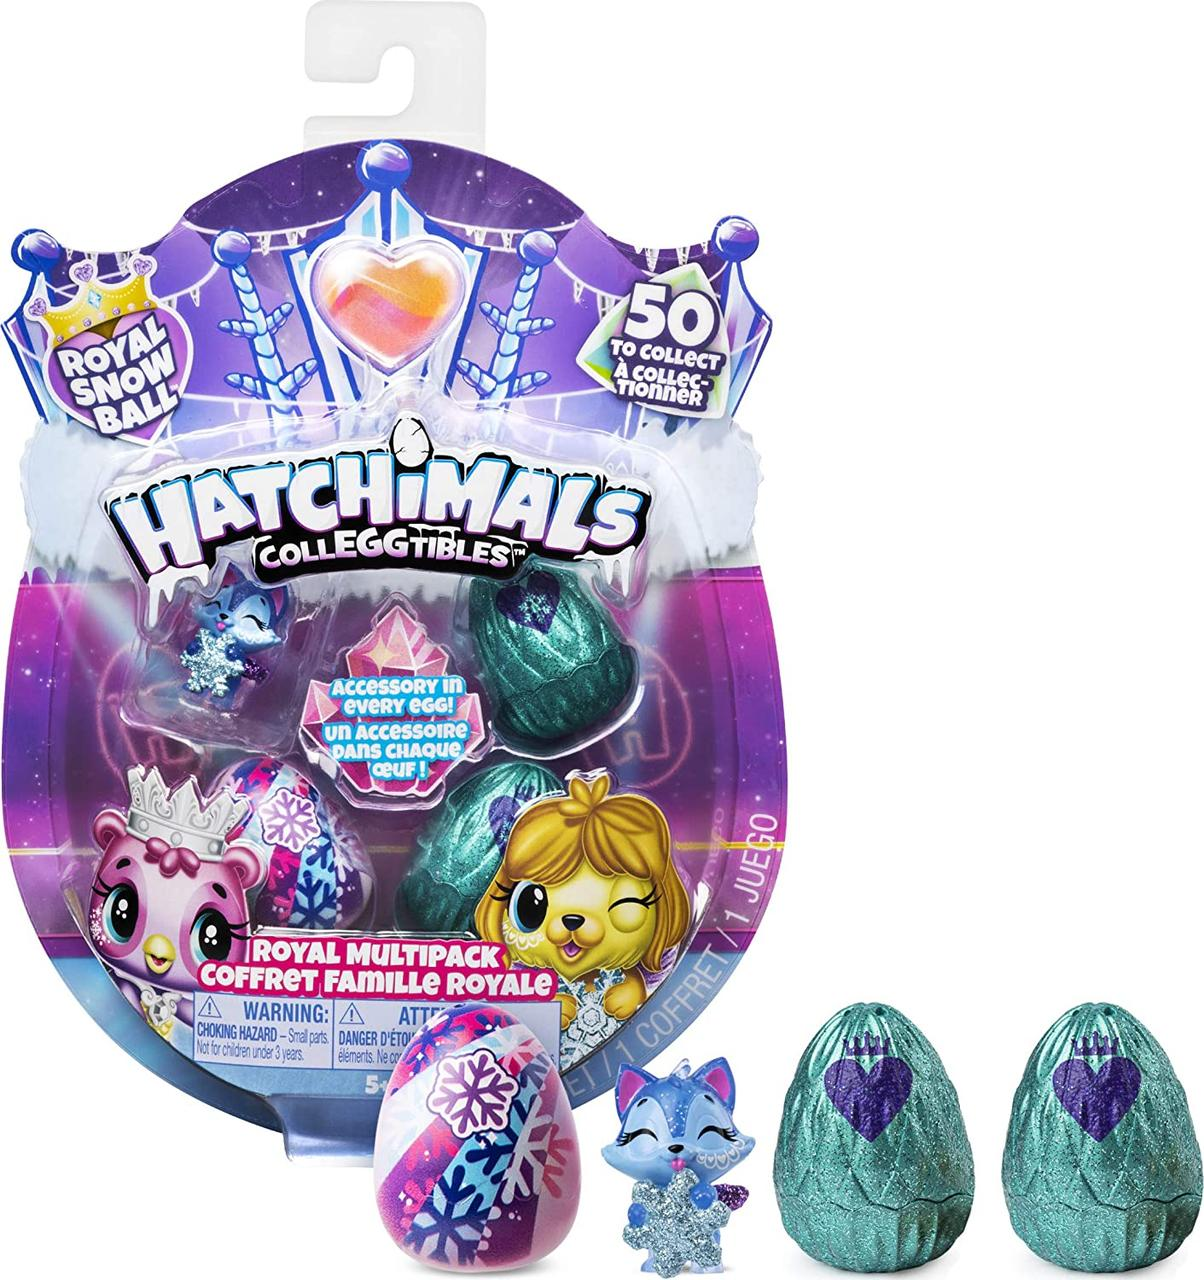 Набор Хетчималс Зимняя серия королевский мультипак Hatchimals CollEGGtibles Royal Multipack хэтчималс ориги